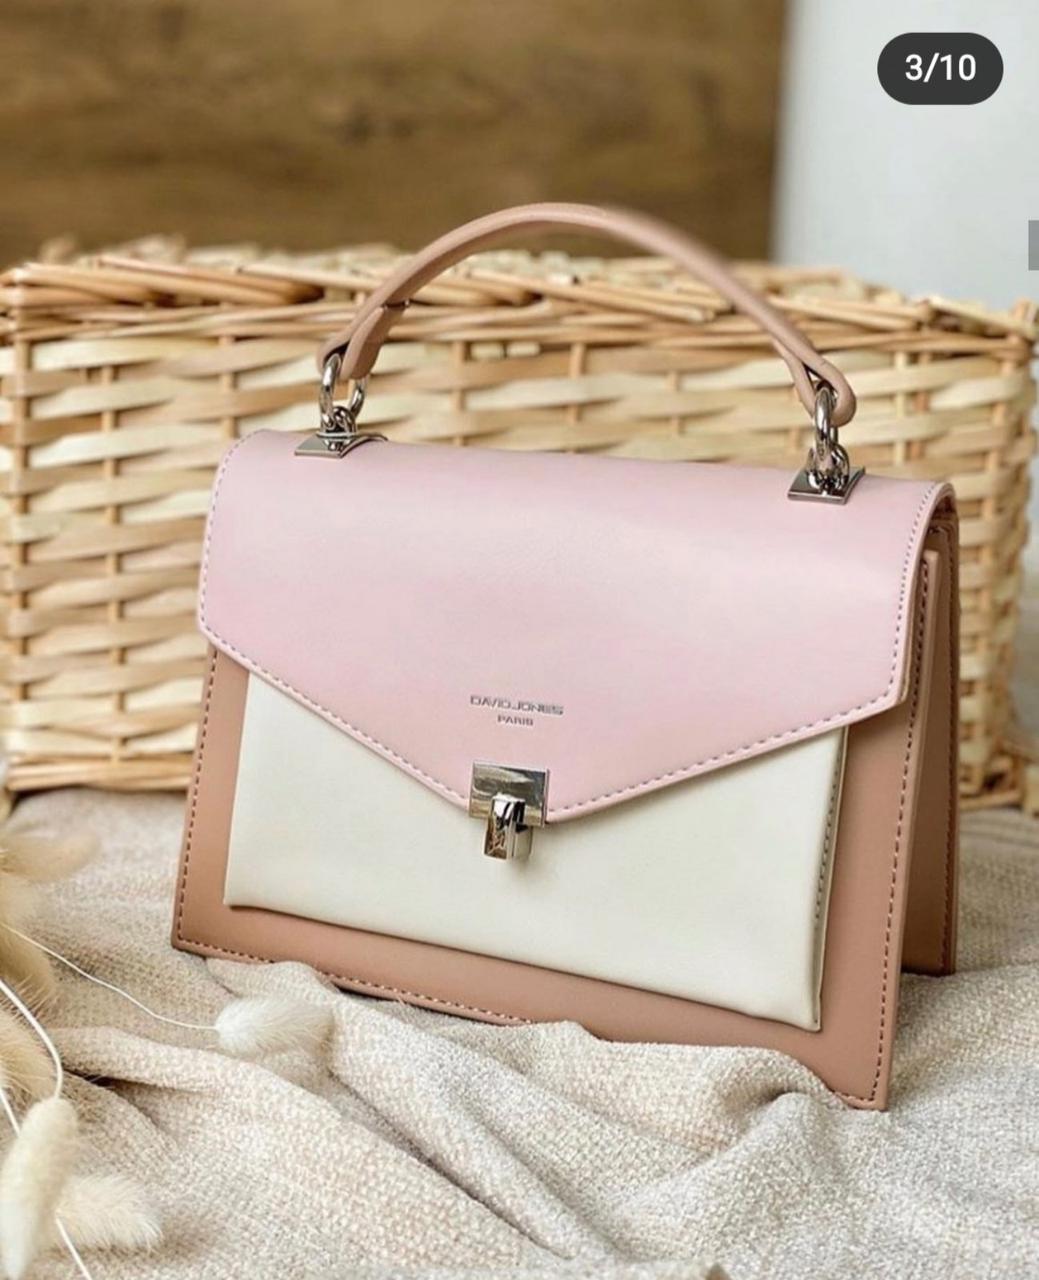 Жіноча сумка клатч David Jones, рожева / жіноча сумка